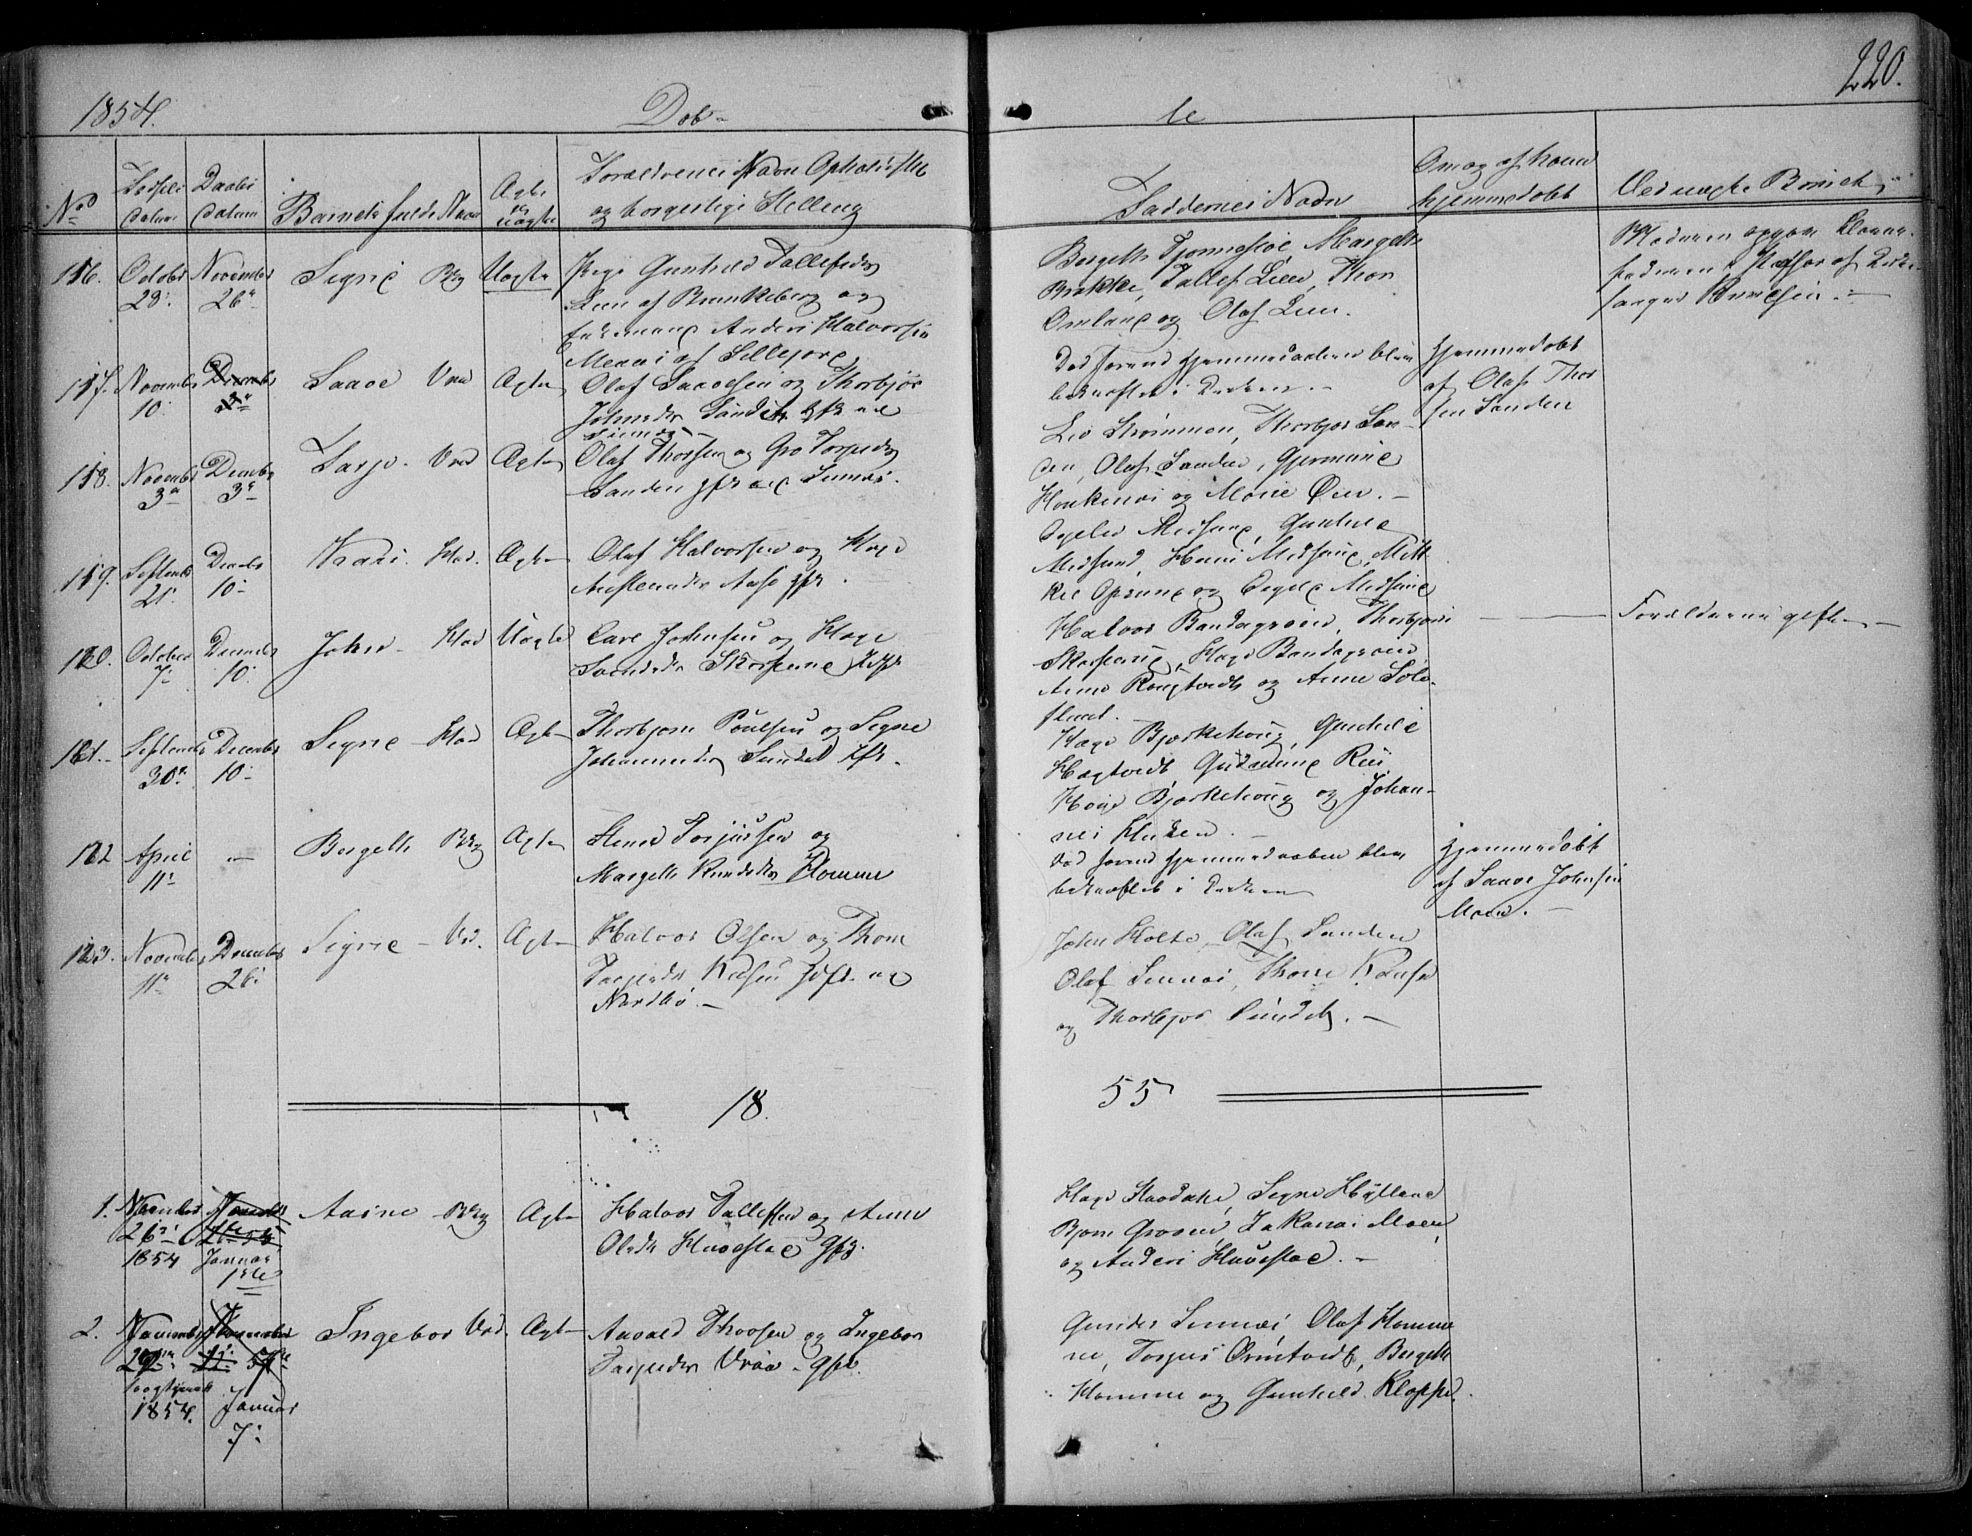 SAKO, Kviteseid kirkebøker, F/Fa/L0006: Ministerialbok nr. I 6, 1836-1858, s. 220